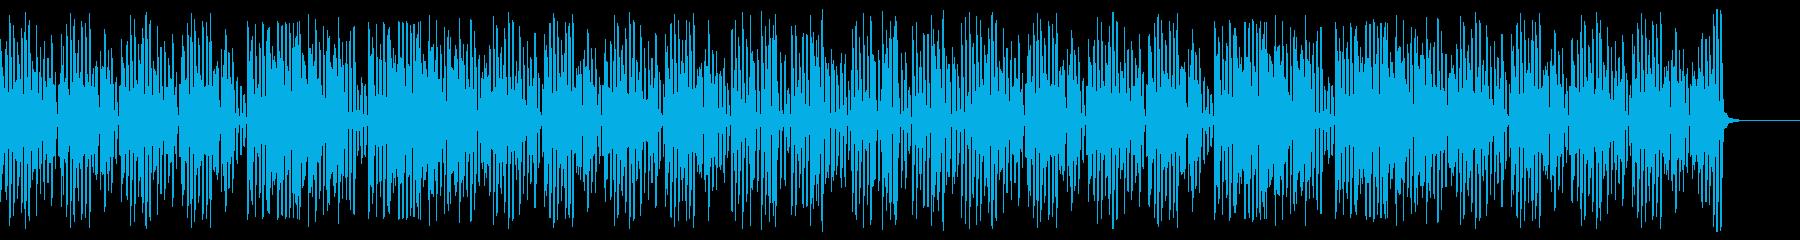 速い明るいハッピーなレトロジャズピアノの再生済みの波形